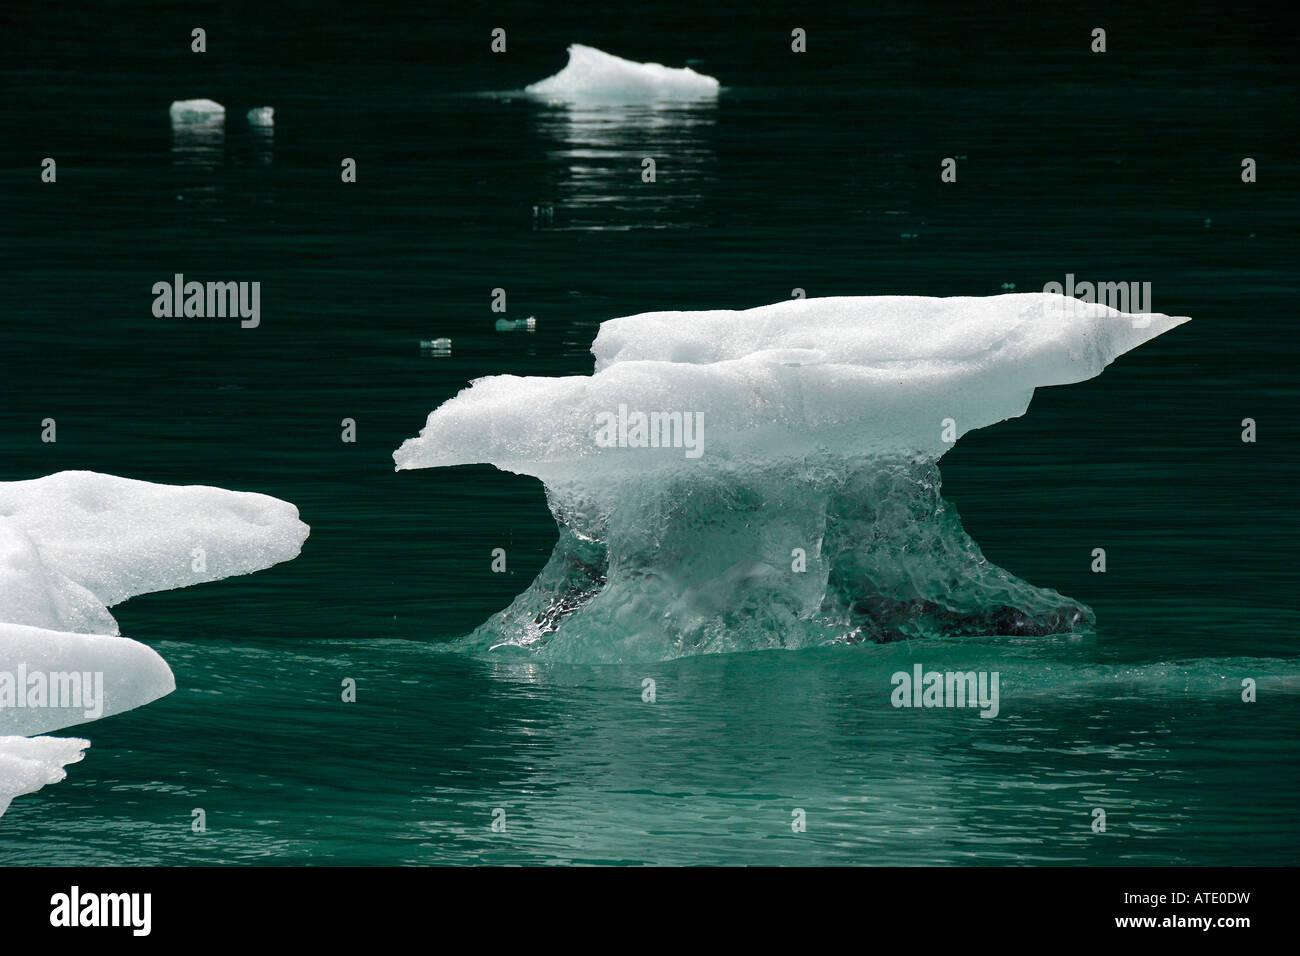 Il riscaldamento globale, Tracy braccio terrore di guadi deserto Alaska Oceano Pacifico Immagini Stock